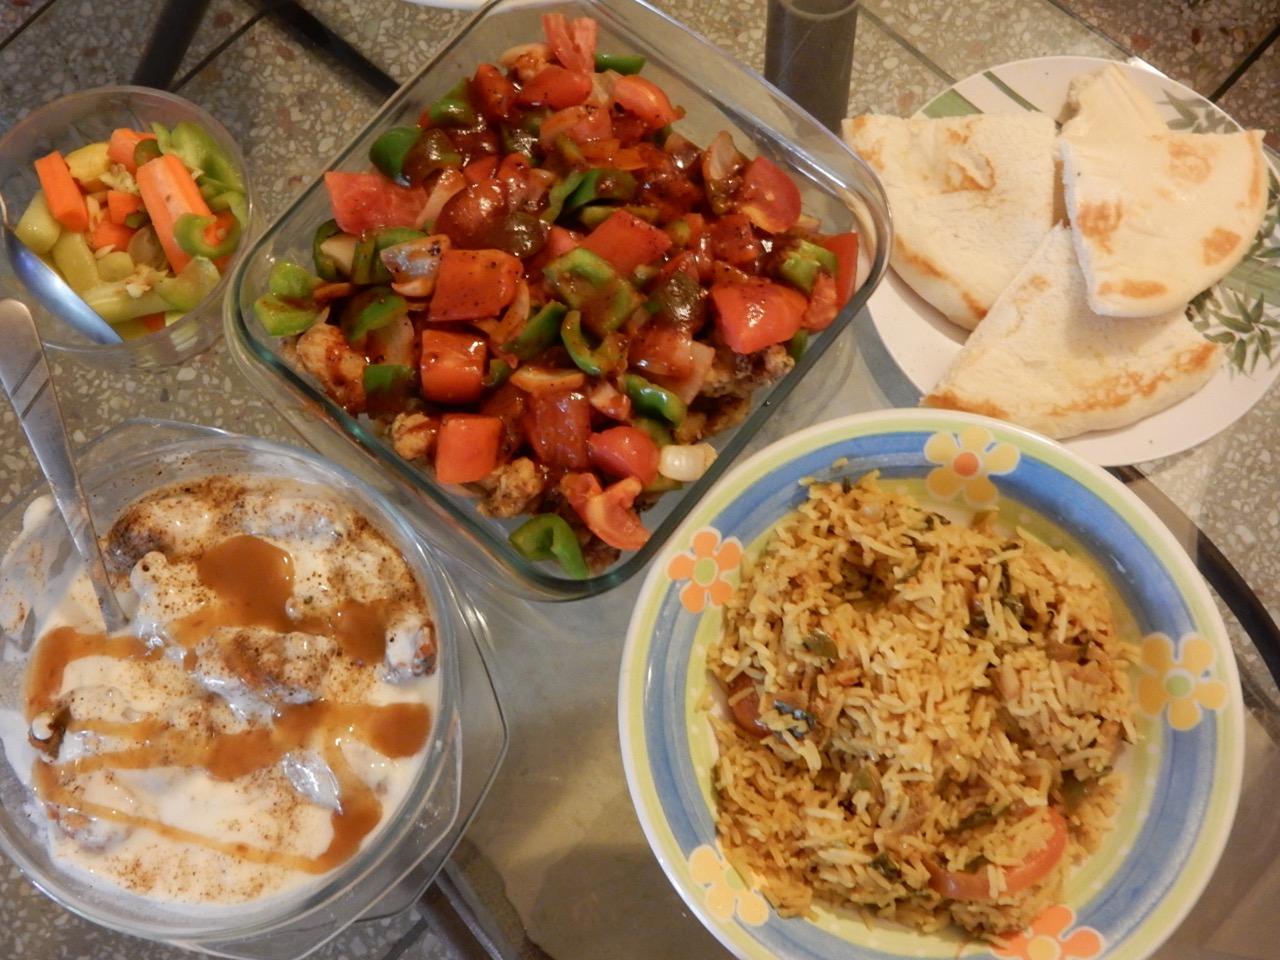 左はポコラのヨーグルトかけ、真ん中は白身の魚フライが下にかくれているが、酢豚の魚バージョン。右は野菜炊き込みご飯。もちろん彼女の手料理。